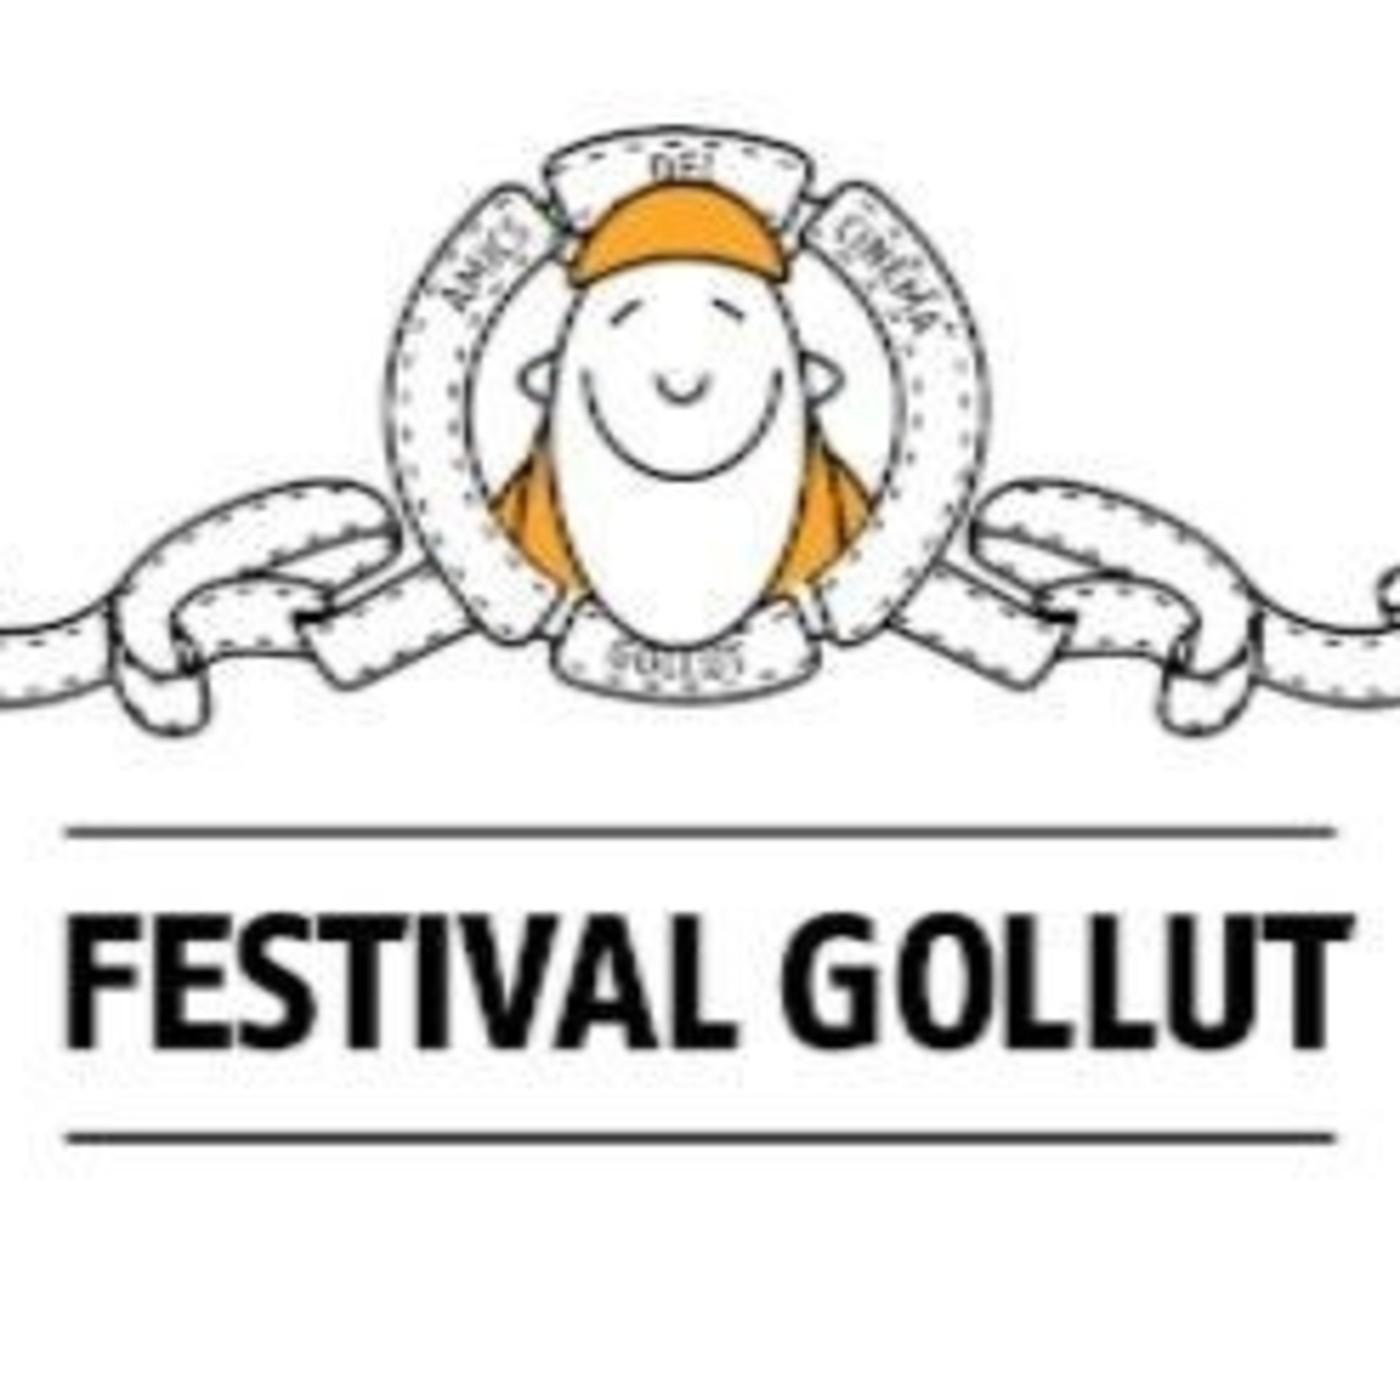 SESSIÓ FESTIVAL GOLLUT A BASILEA 2020